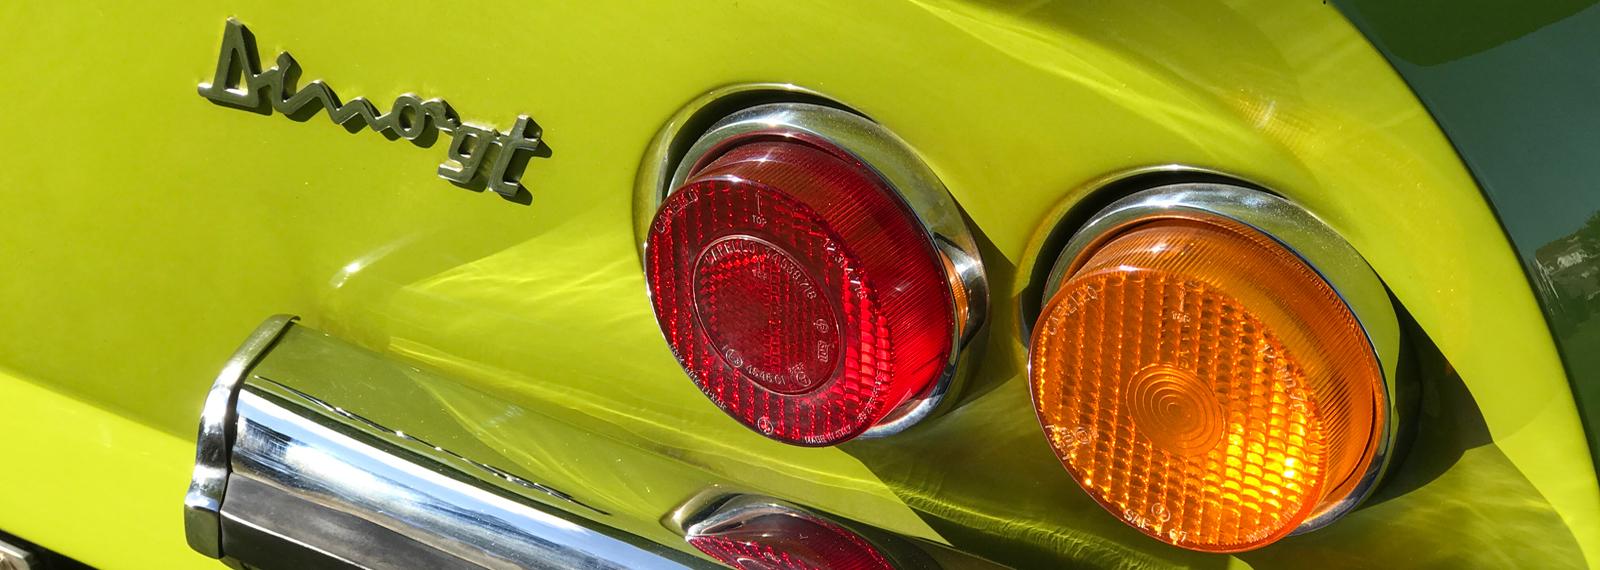 Vintage Classic Supercar Parts Sourcing